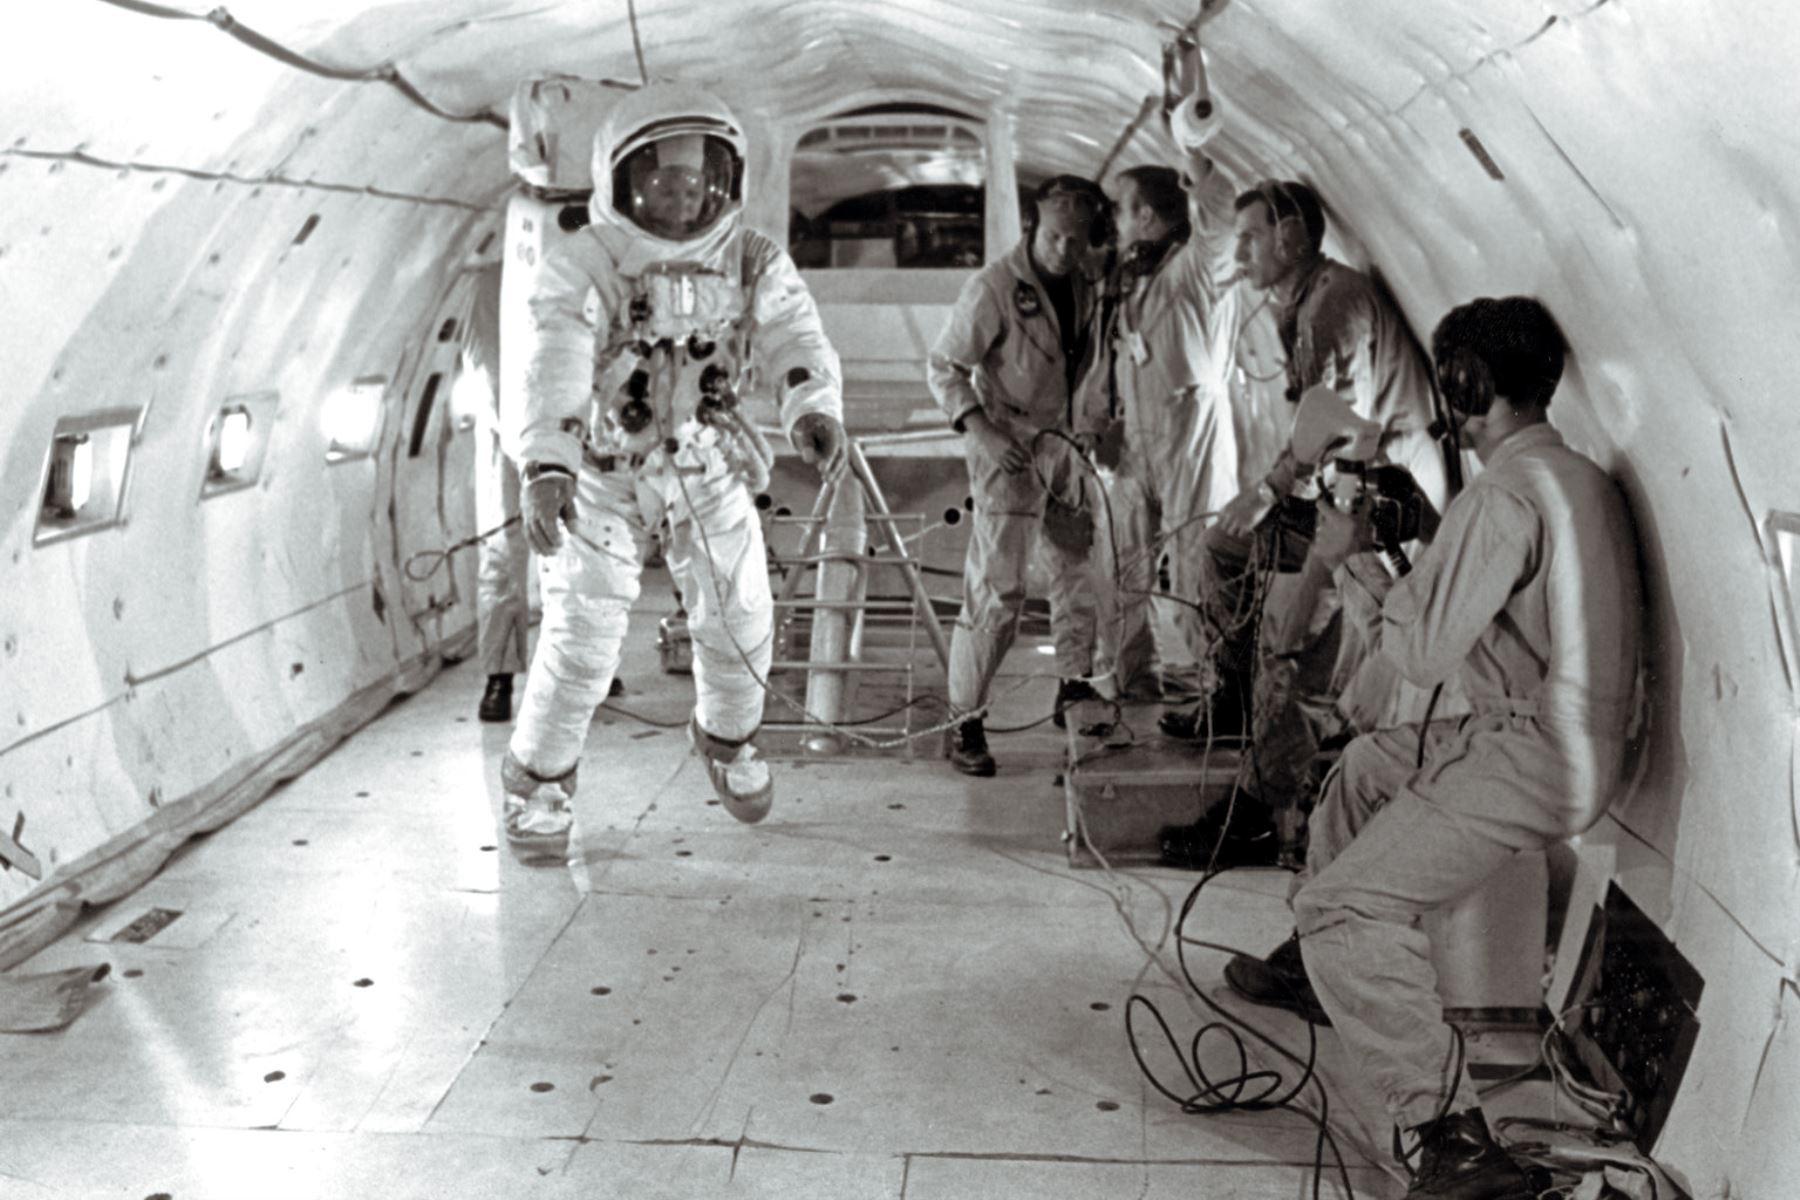 El 9 de julio de 1969, el astronauta estadounidense Buzz Aldrin, usa su traje espacial, se desplaza en la ingravidez a bordo de un avión, siete días antes del lanzamiento de la misión espacial Apollo XI a la Luna. Foto: AFP